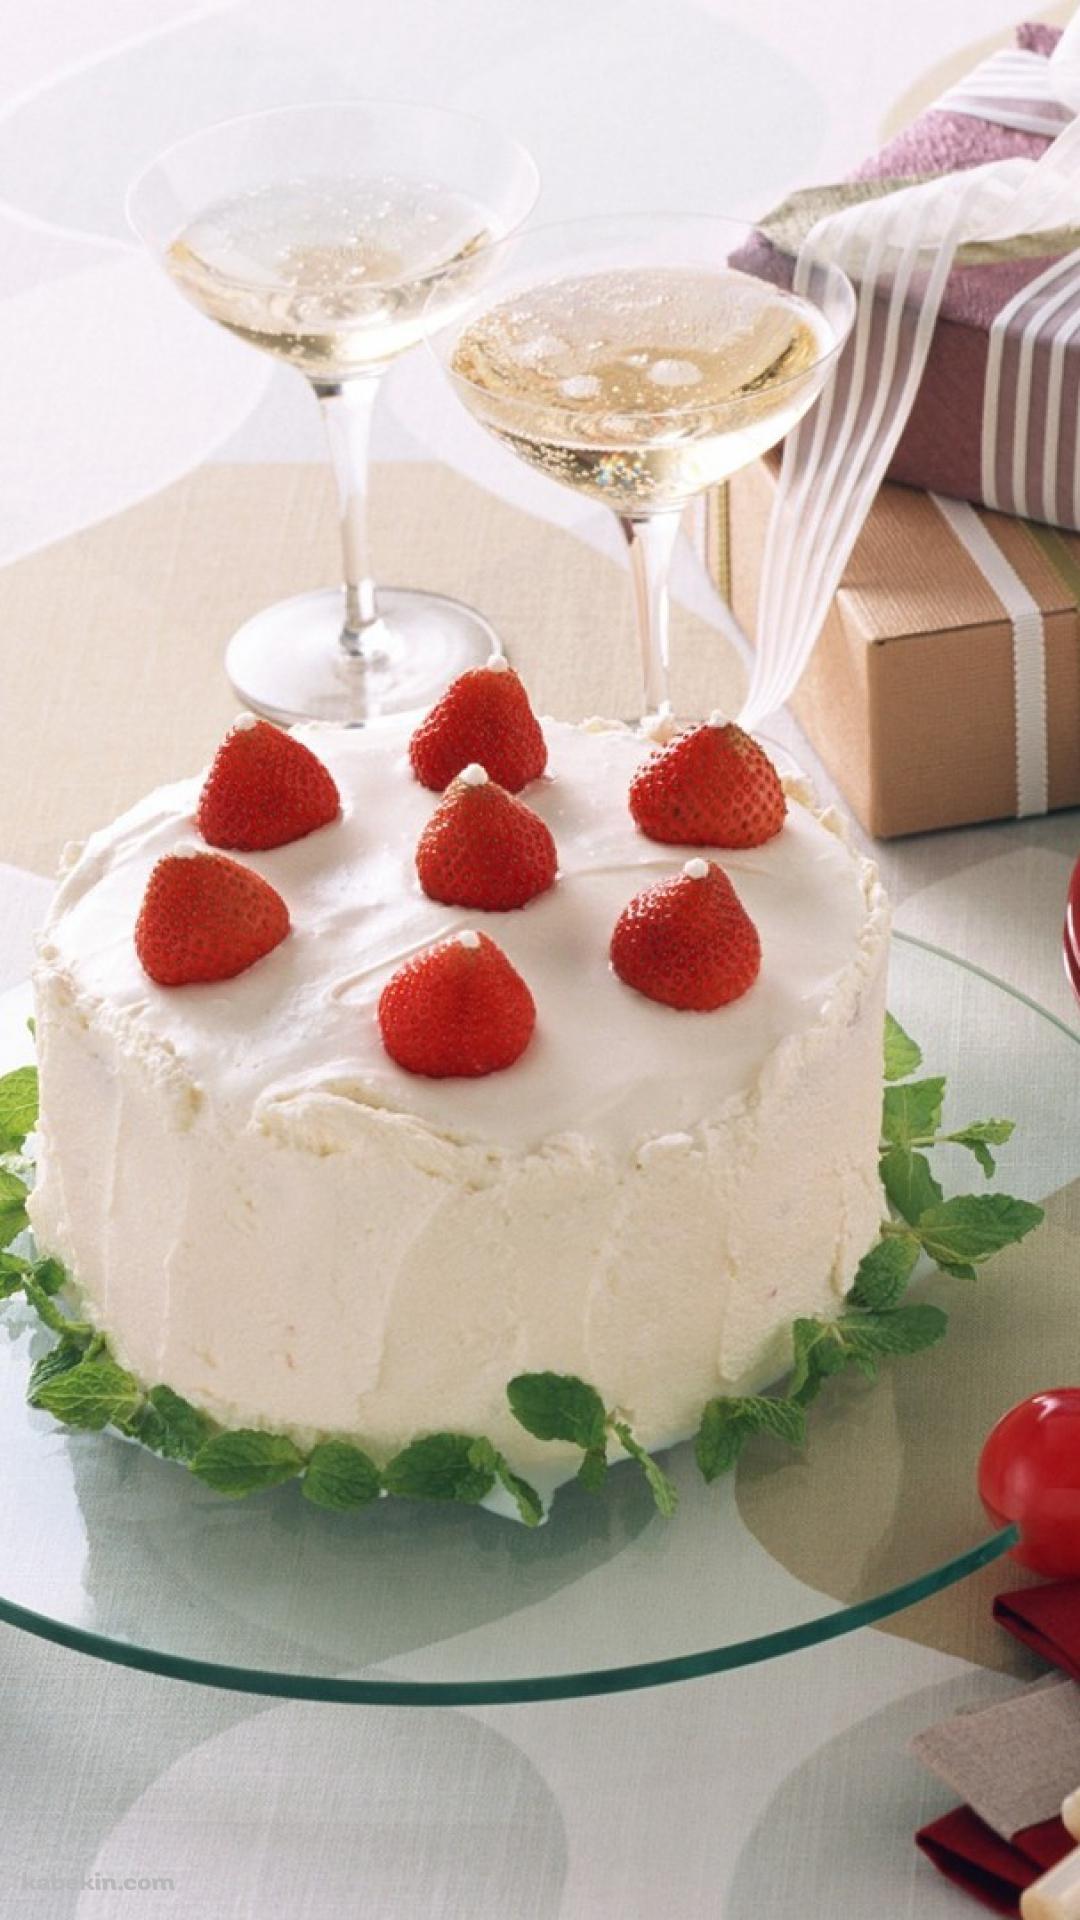 美味しそうな苺のショートケーキのandroid壁紙 1080 X 19 壁紙キングダム スマホ版